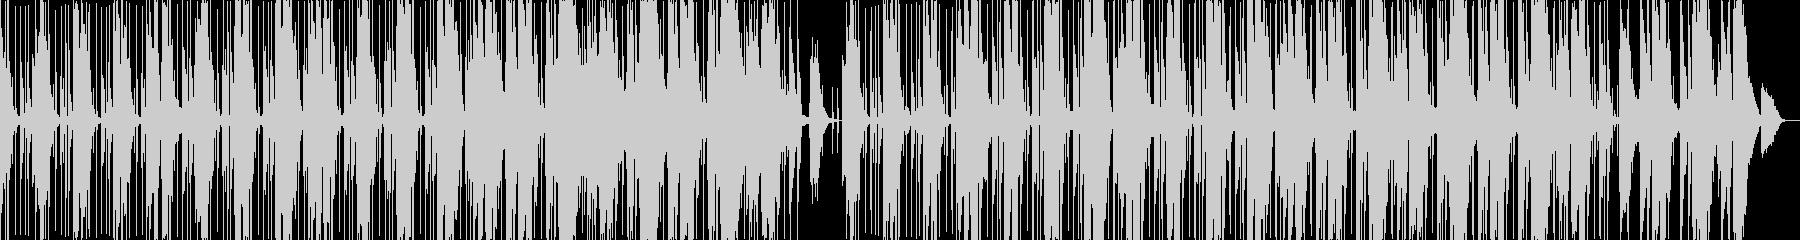 エレクトロニック サスペンス 技術...の未再生の波形